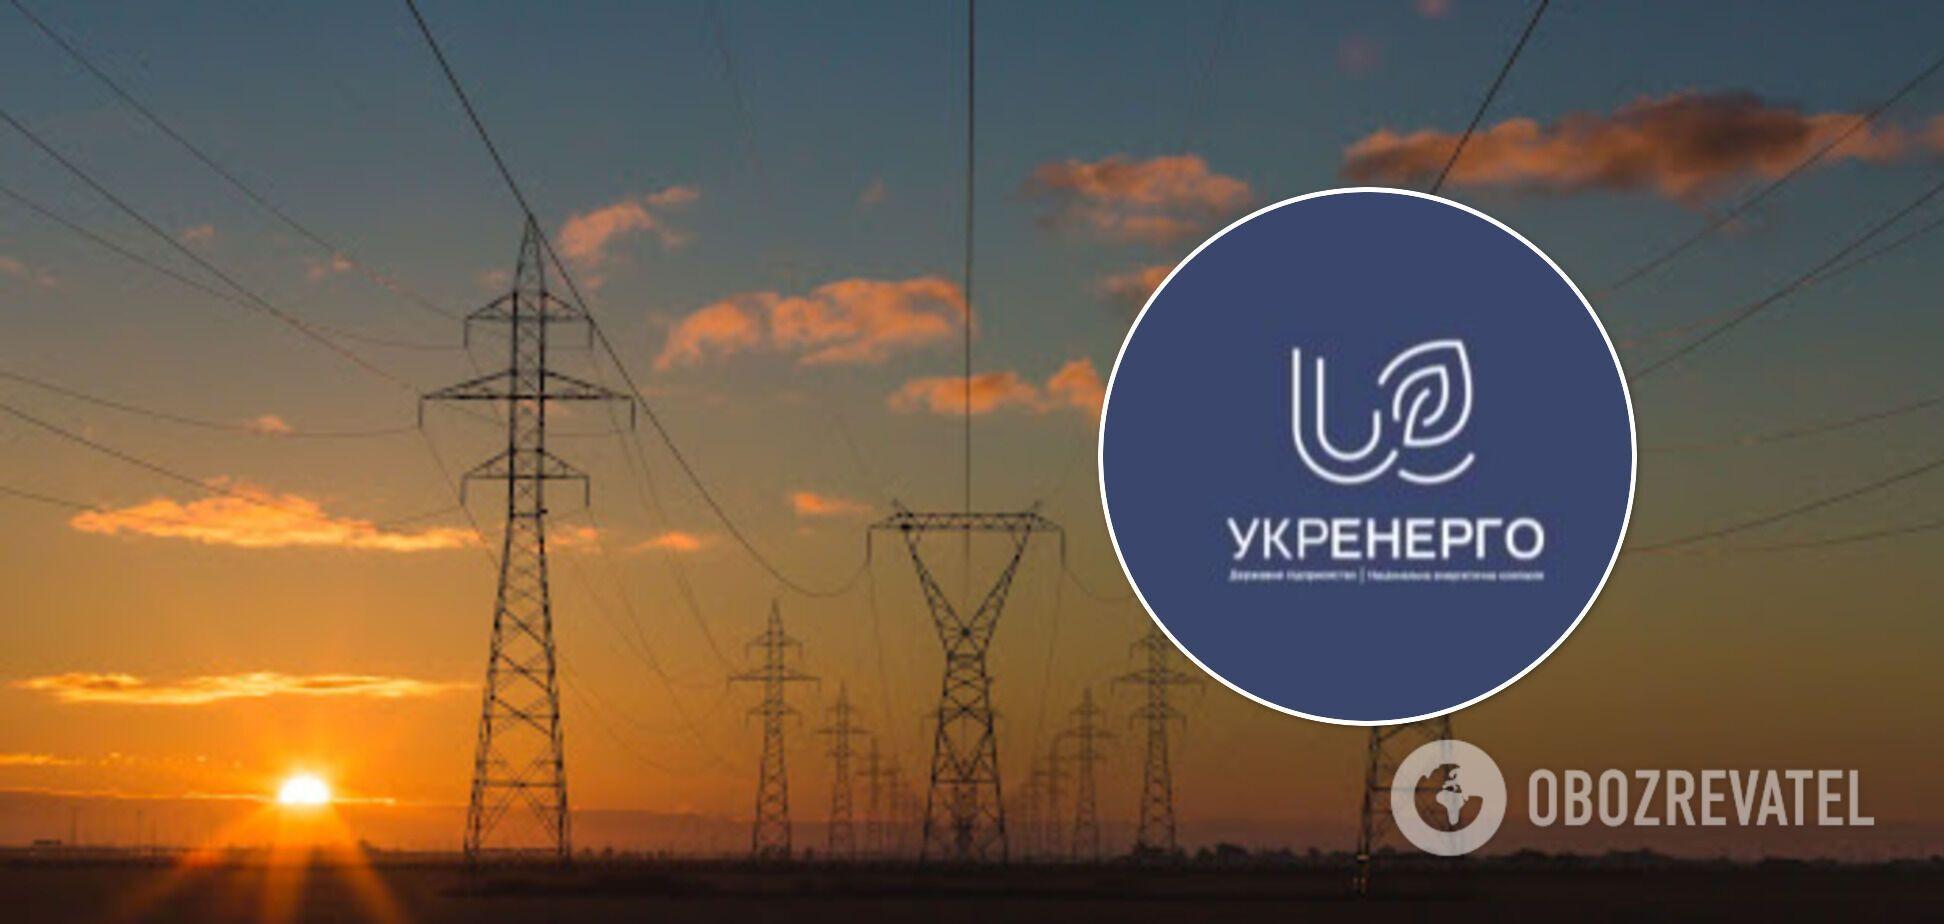 11 энергоблоков ТЭС и ТЭЦ не работают из-за отсутствия топлива – 'Укрэнерго'